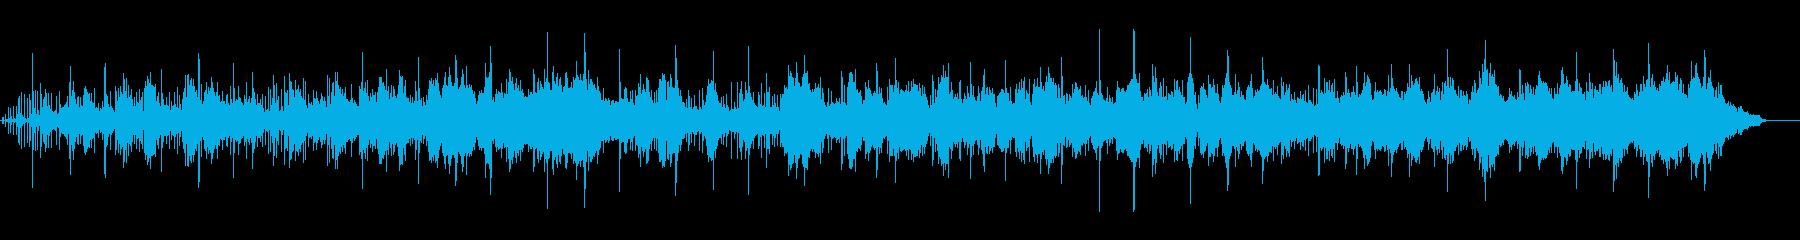 ニューエイジ系、ネイチャー、ヒーリングの再生済みの波形